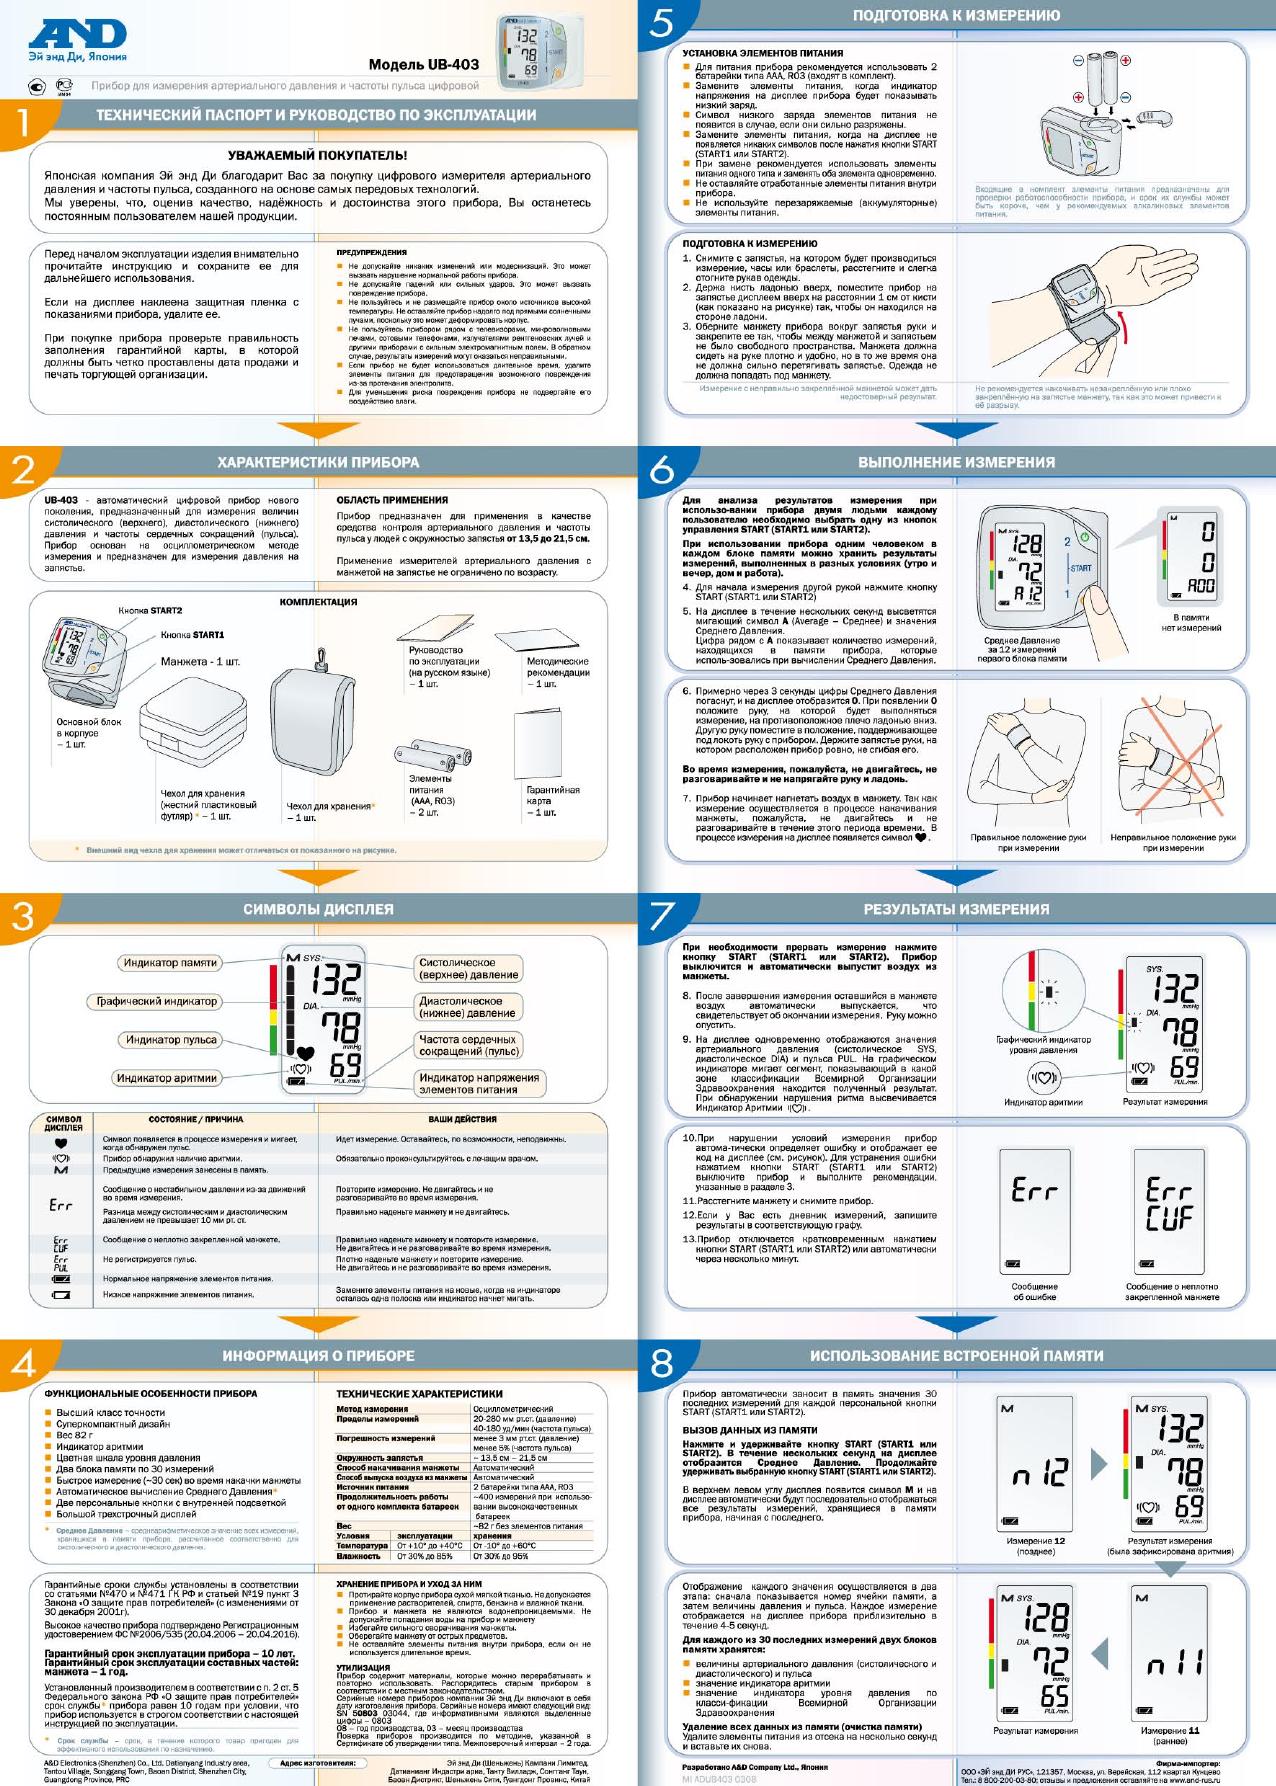 and medical тонометр инструкция ub 403